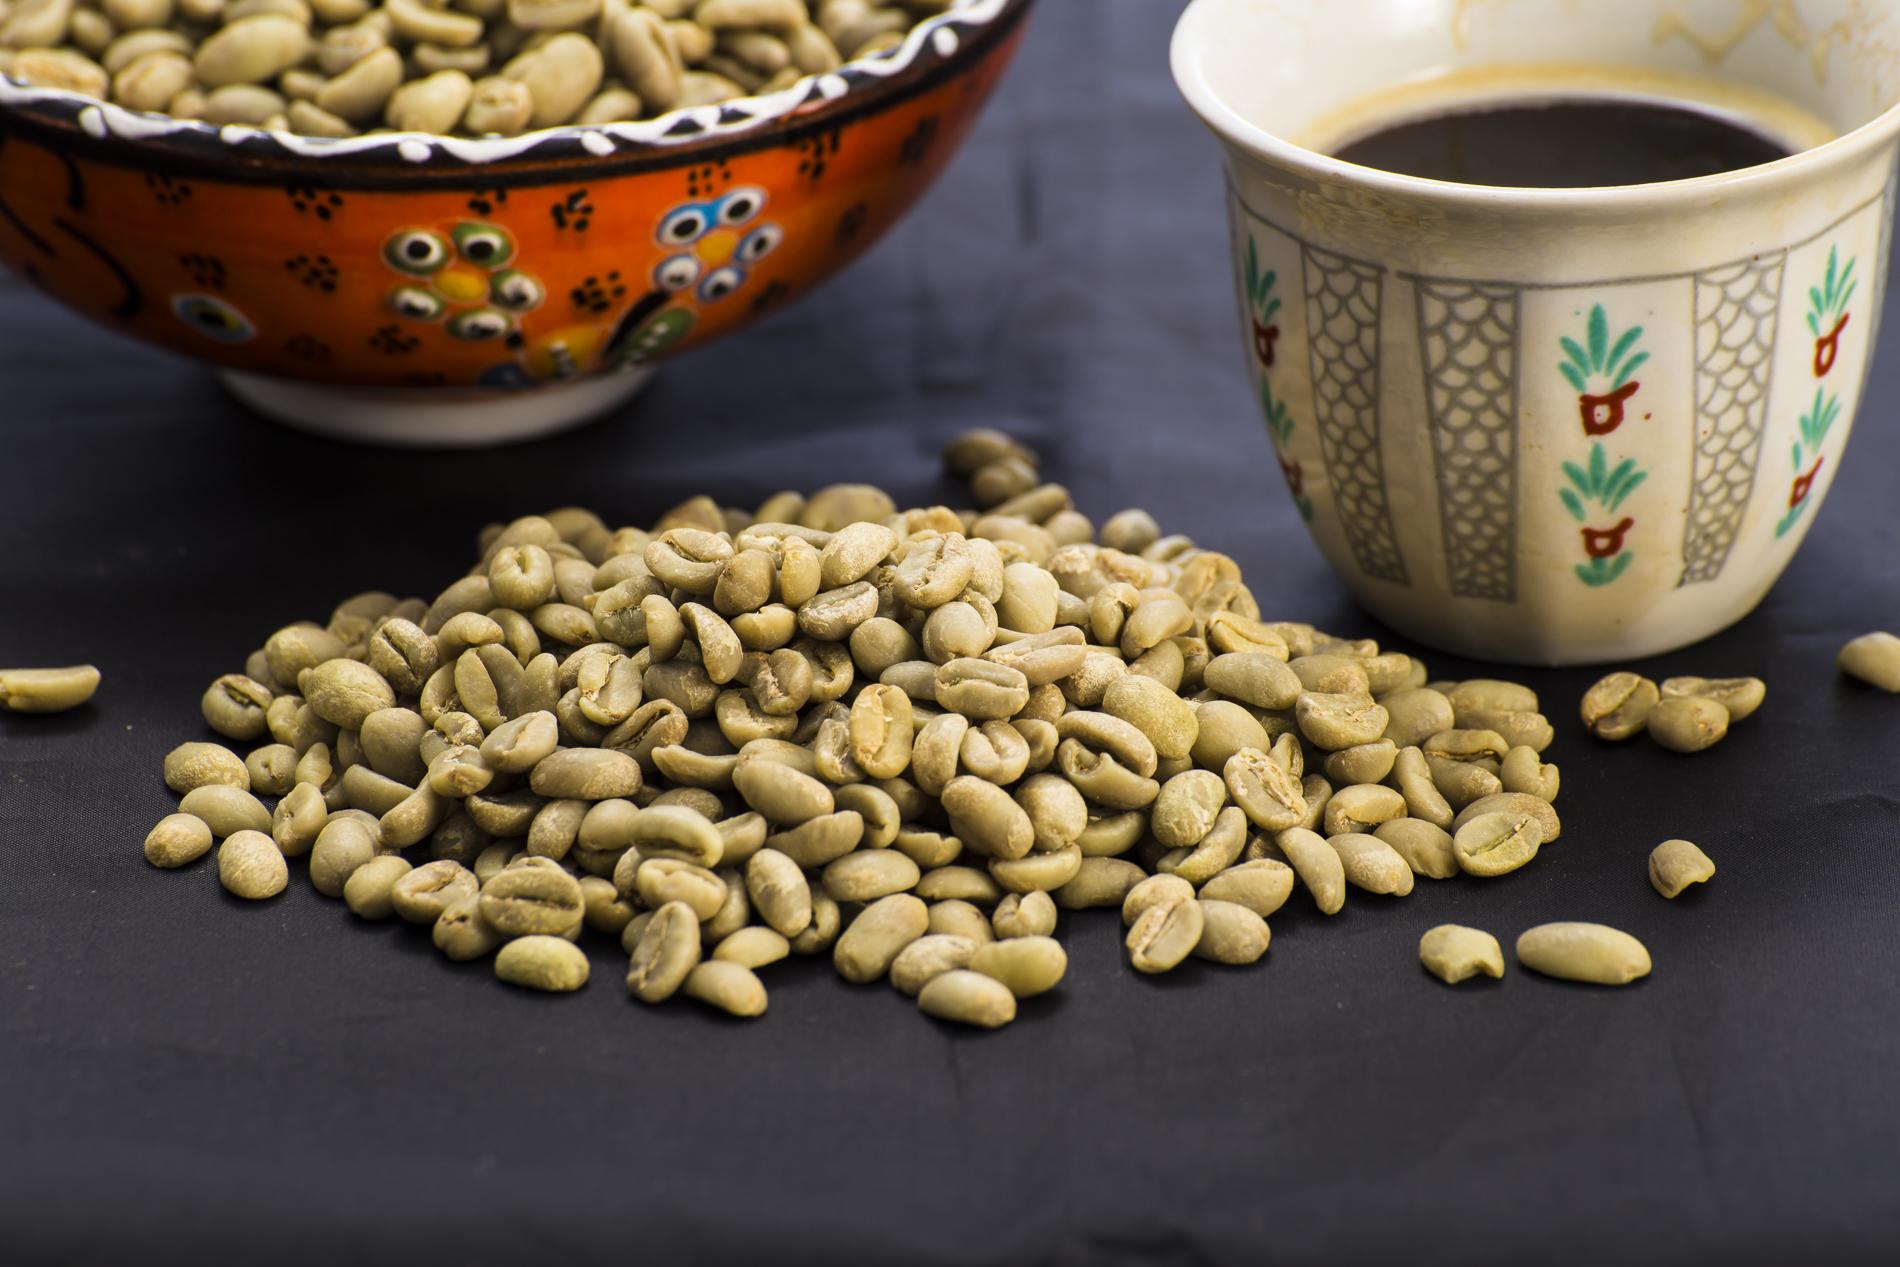 Foto mit Schale voll Kaffeebohnen, lose Kaffeebohnen und ein Tässchen Kaffee